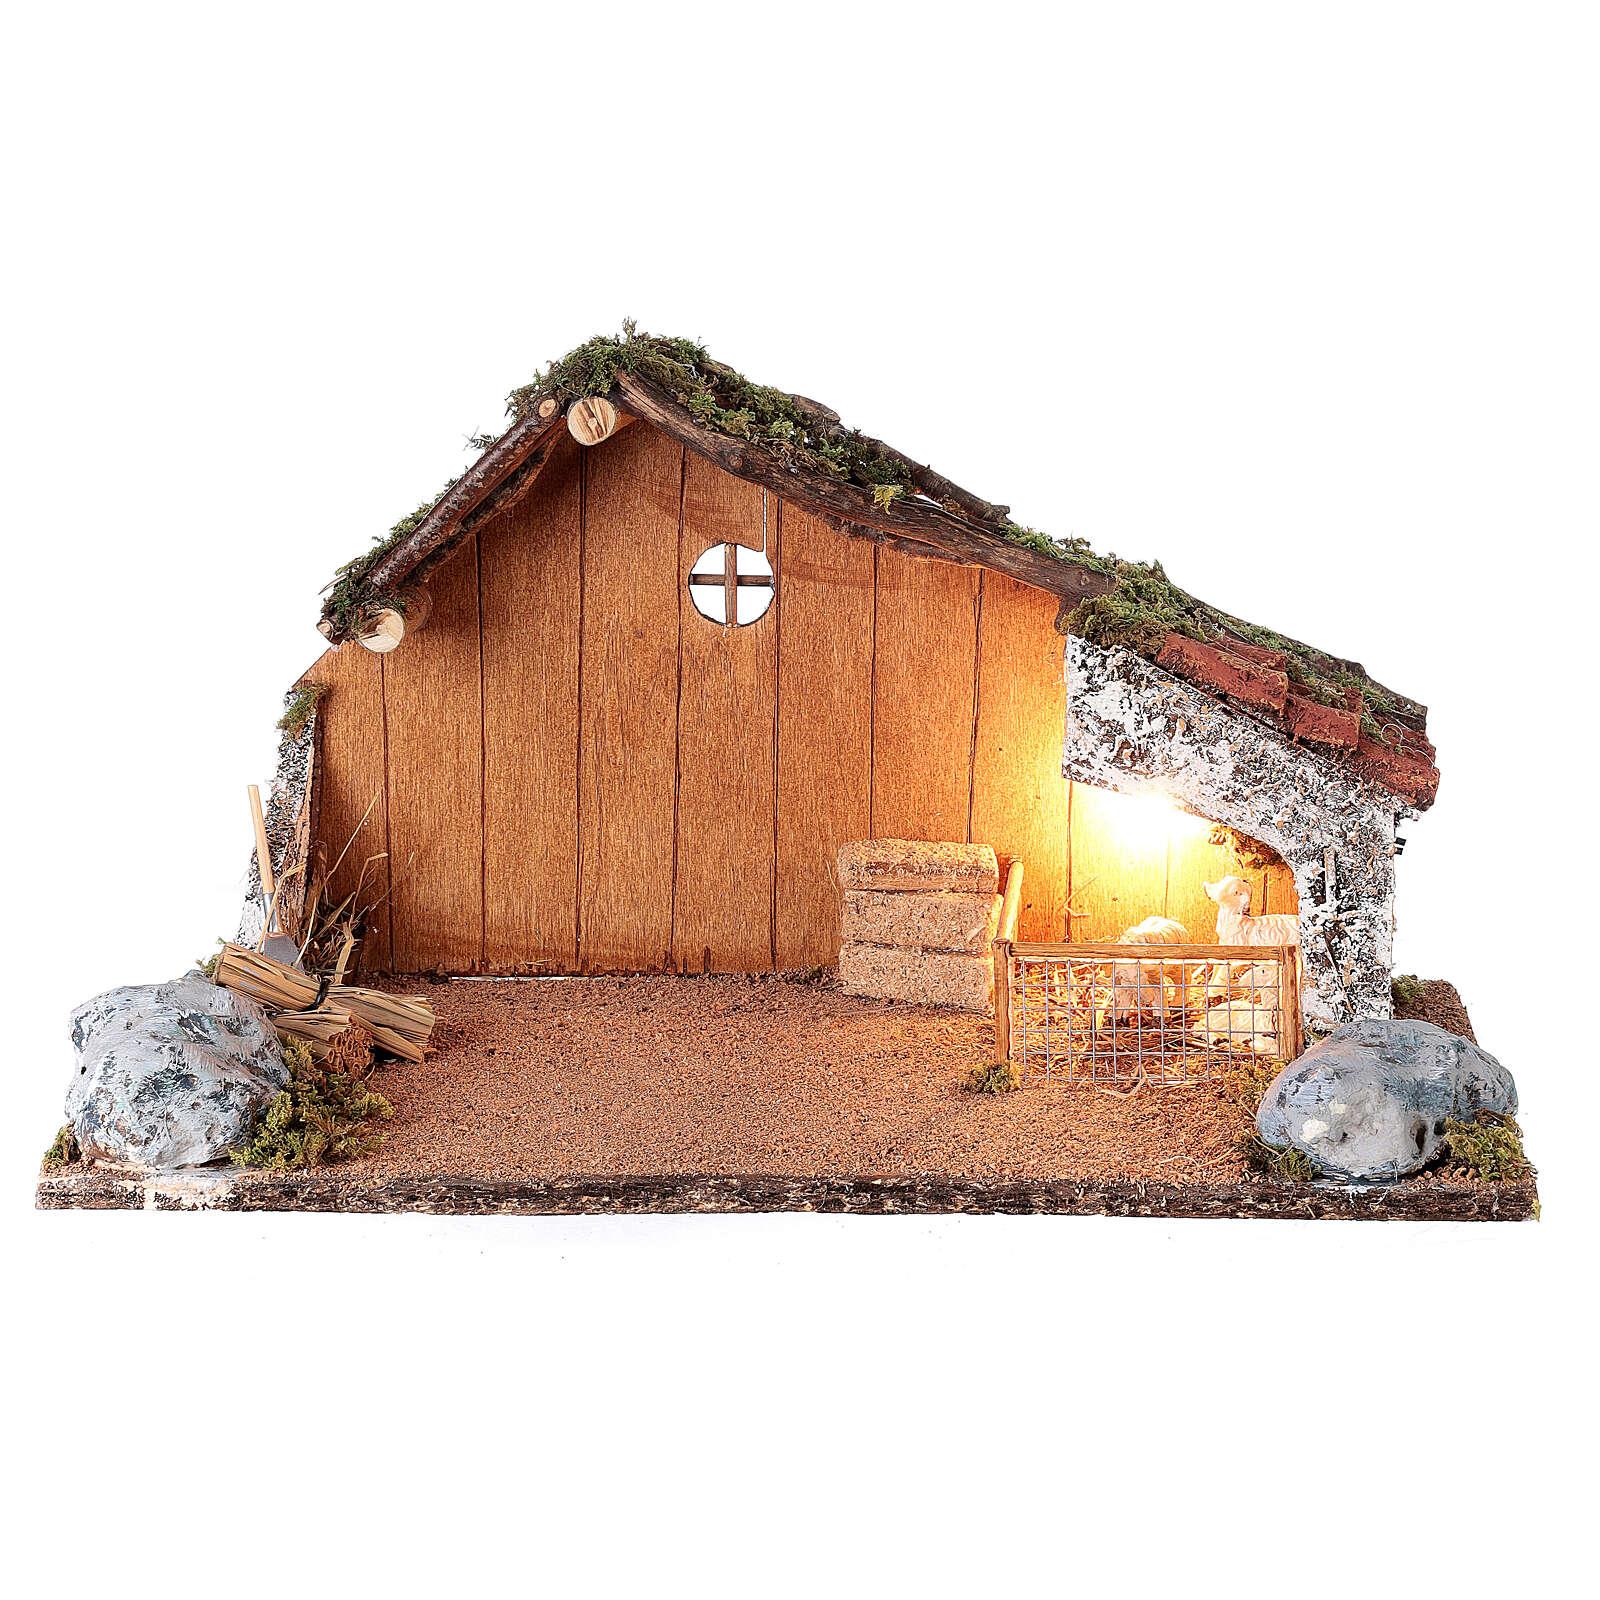 Capanna recinto pecore presepe napoletano20x40x20 per statue 8-10 cm 4